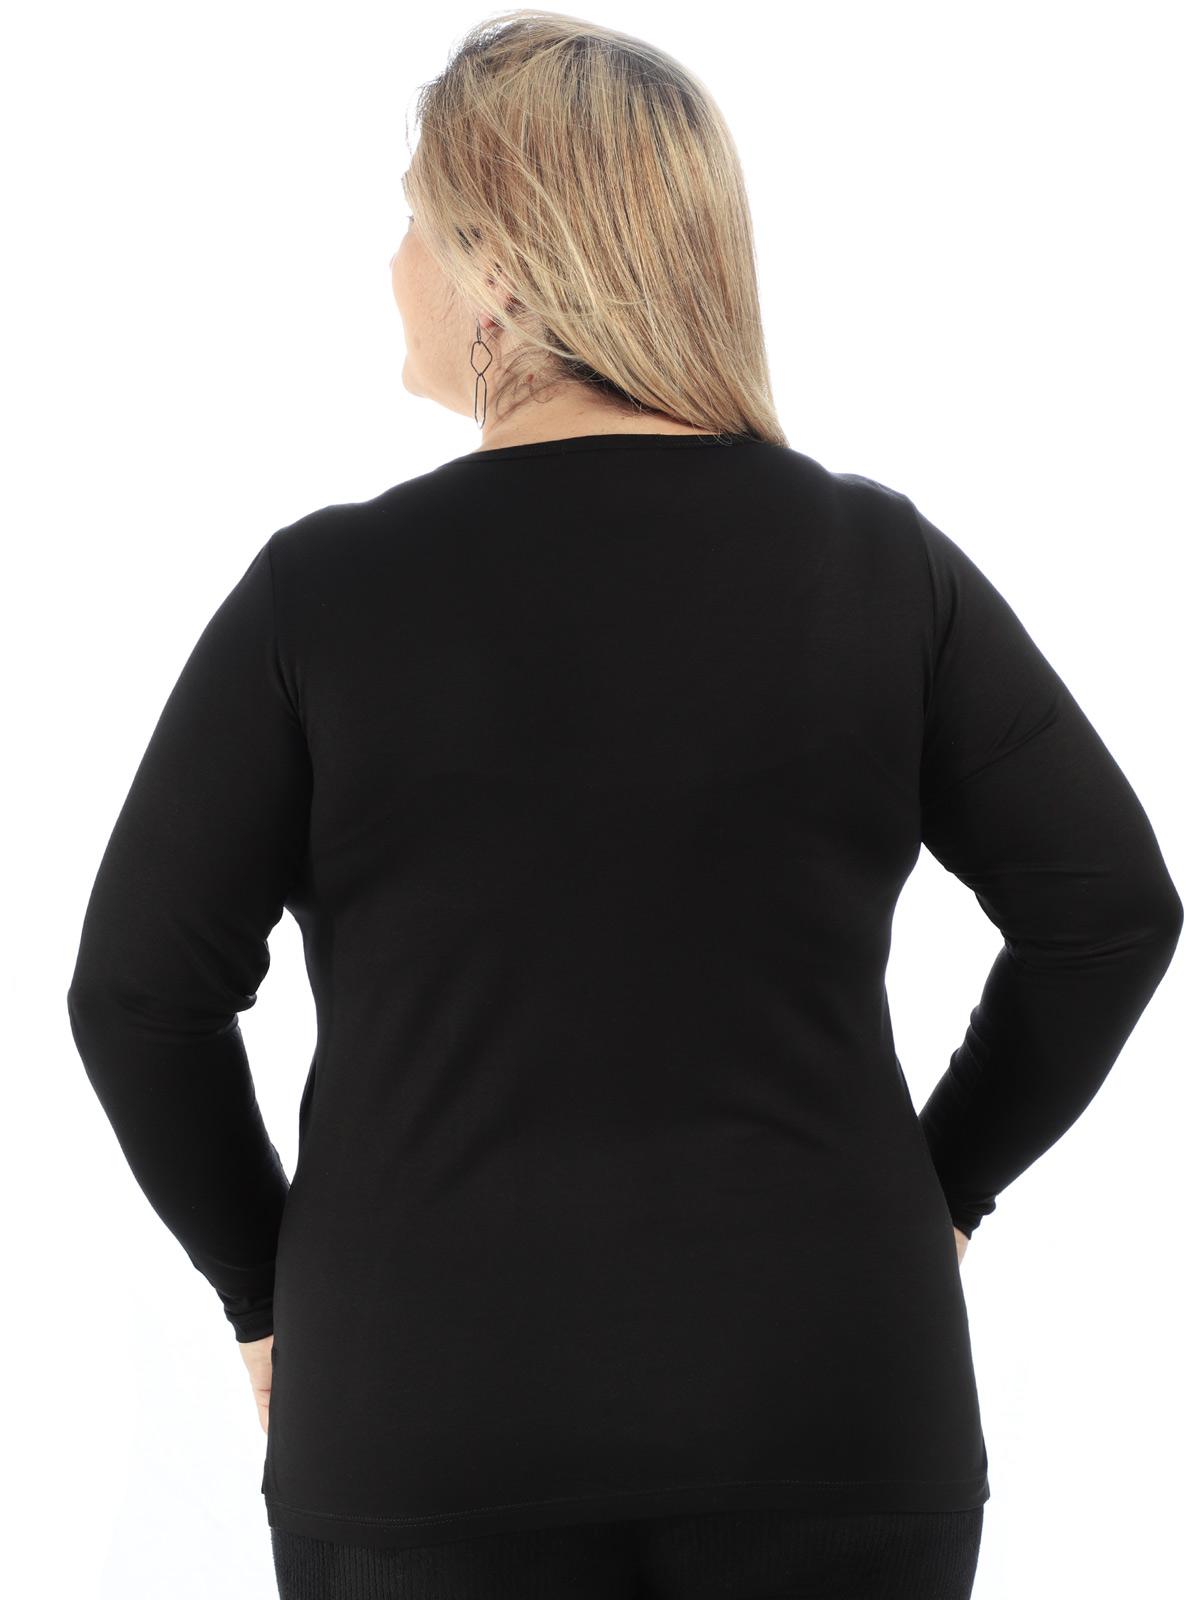 Blusa Plus Size Feminina Decote V com Aplicação Preta